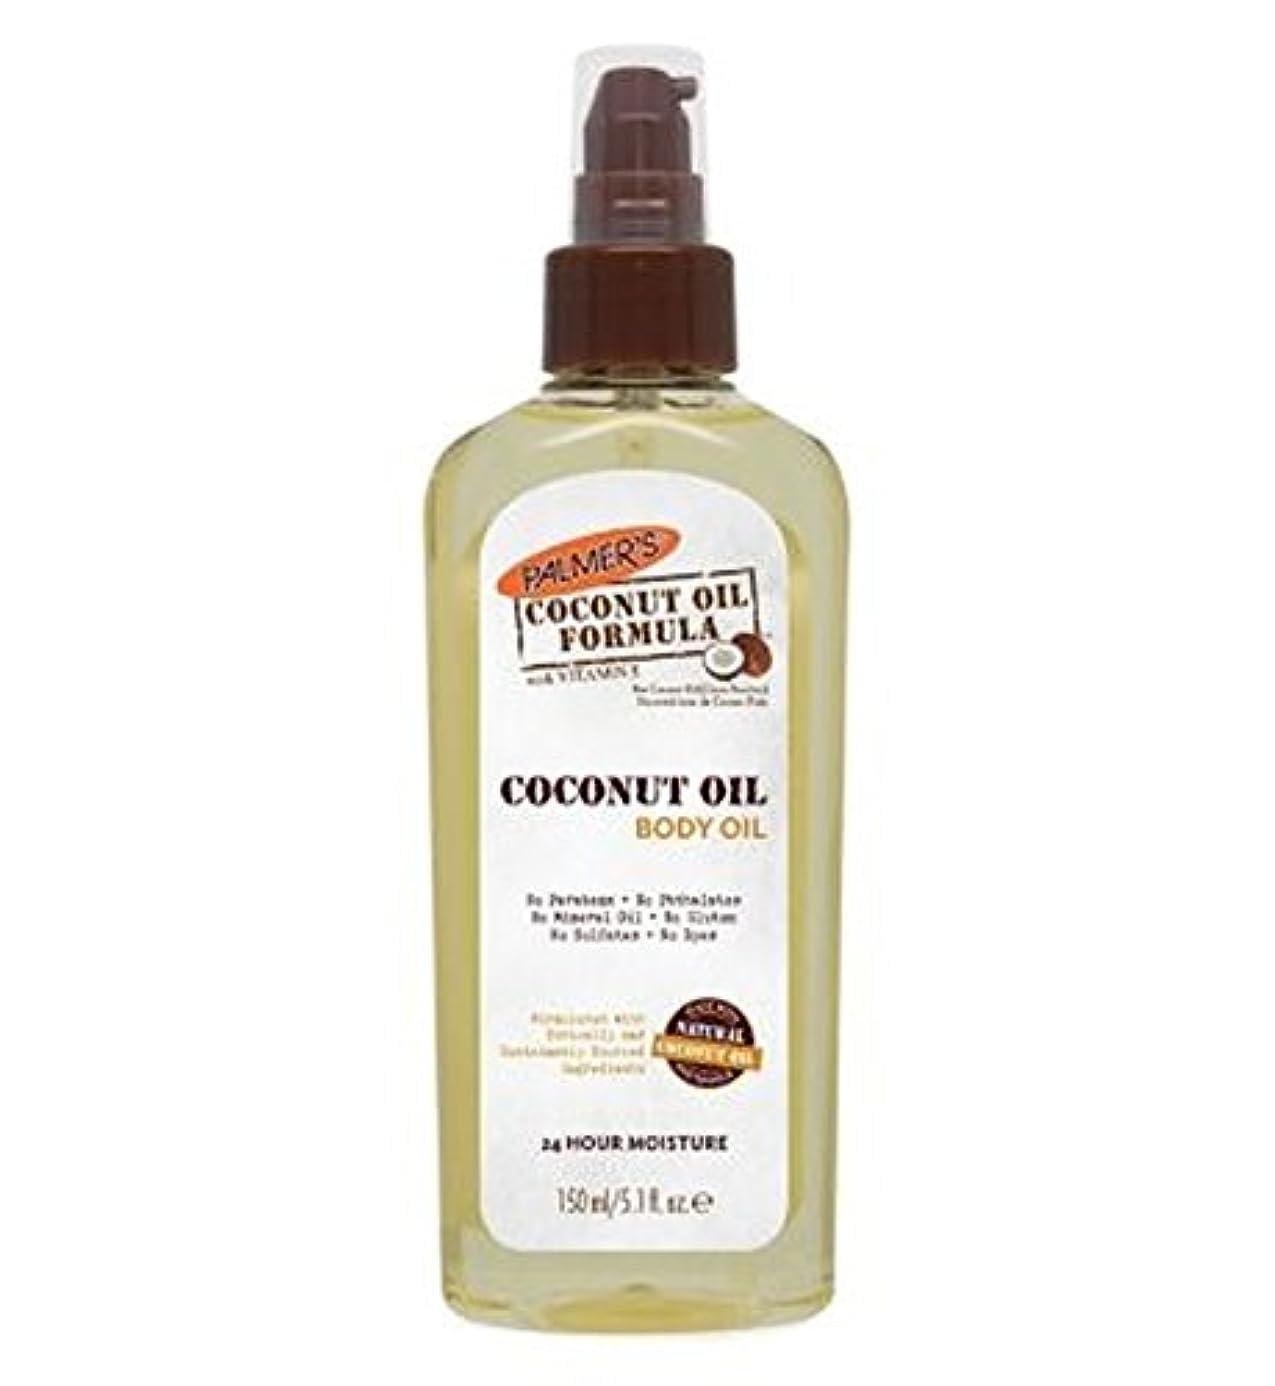 同盟セグメント金額Palmer's Coconut Oil Formula Body Oil 150ml - パーマーのココナッツオイル式ボディオイル150ミリリットル (Palmer's) [並行輸入品]